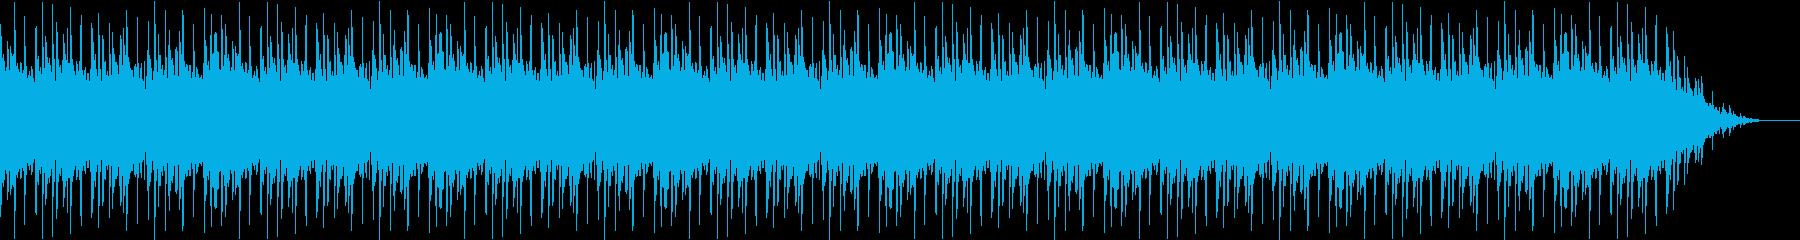 歪んだベースのソロの再生済みの波形